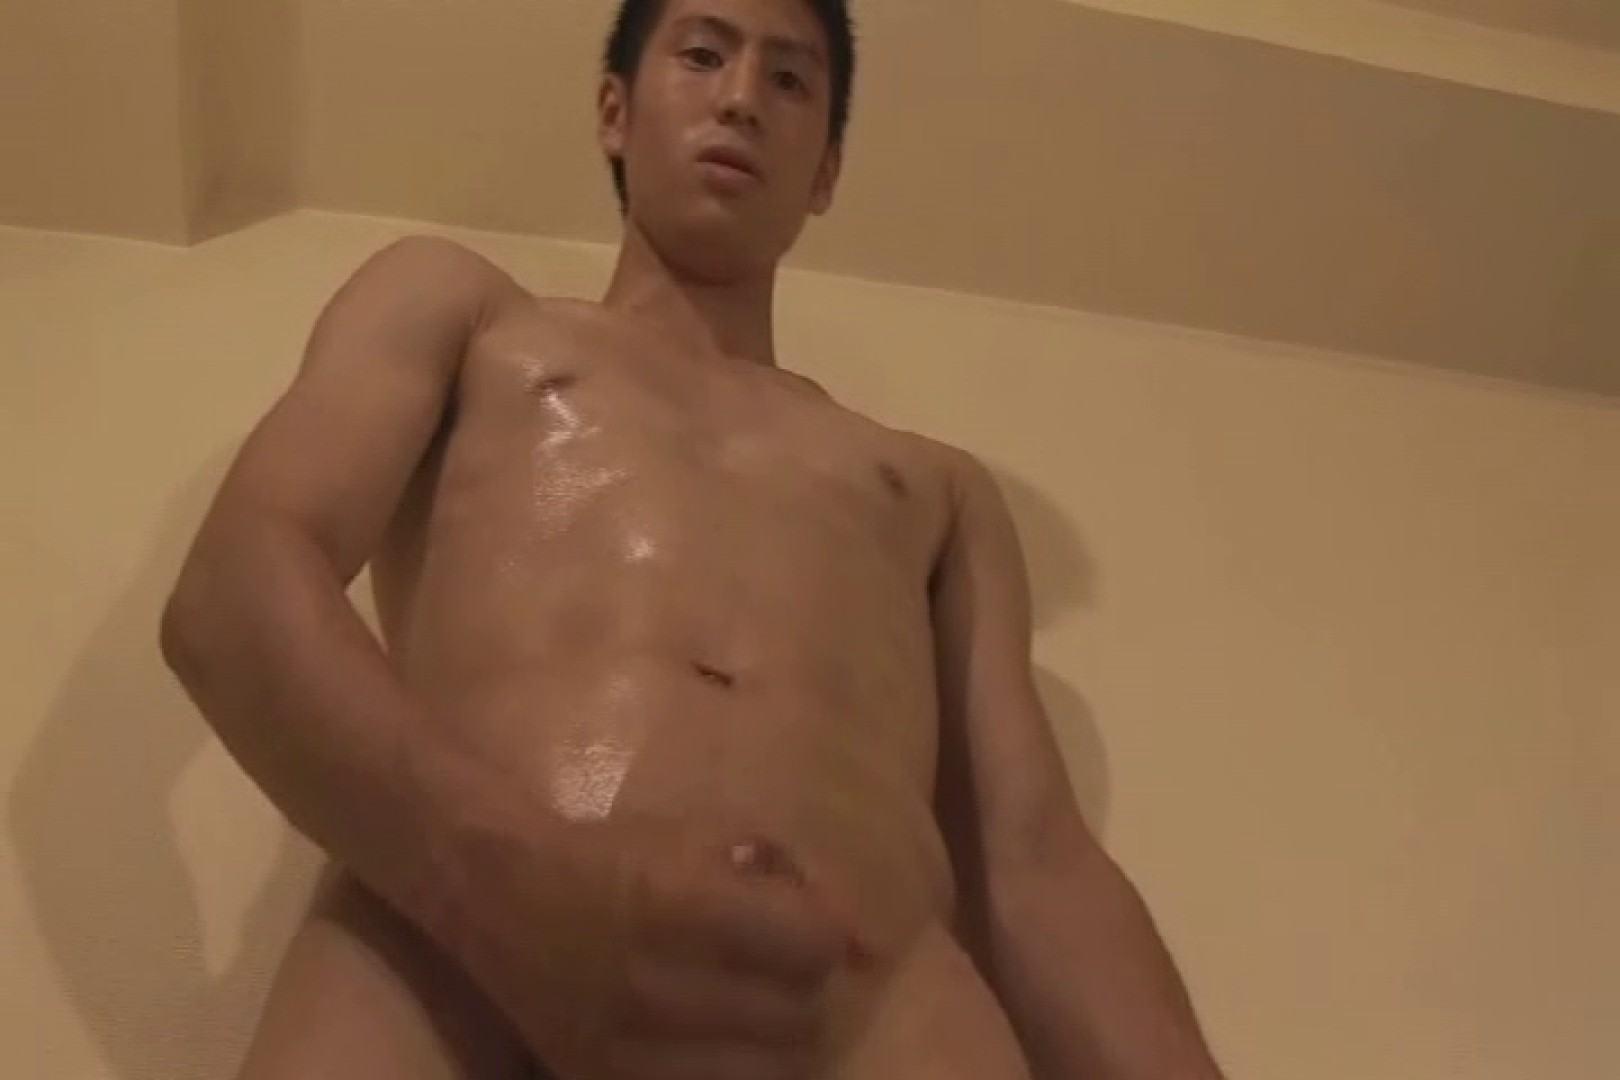 暴れん棒!!雄穴を狙え!! vol.04 射精天国 GAY無修正エロ動画 87pic 85